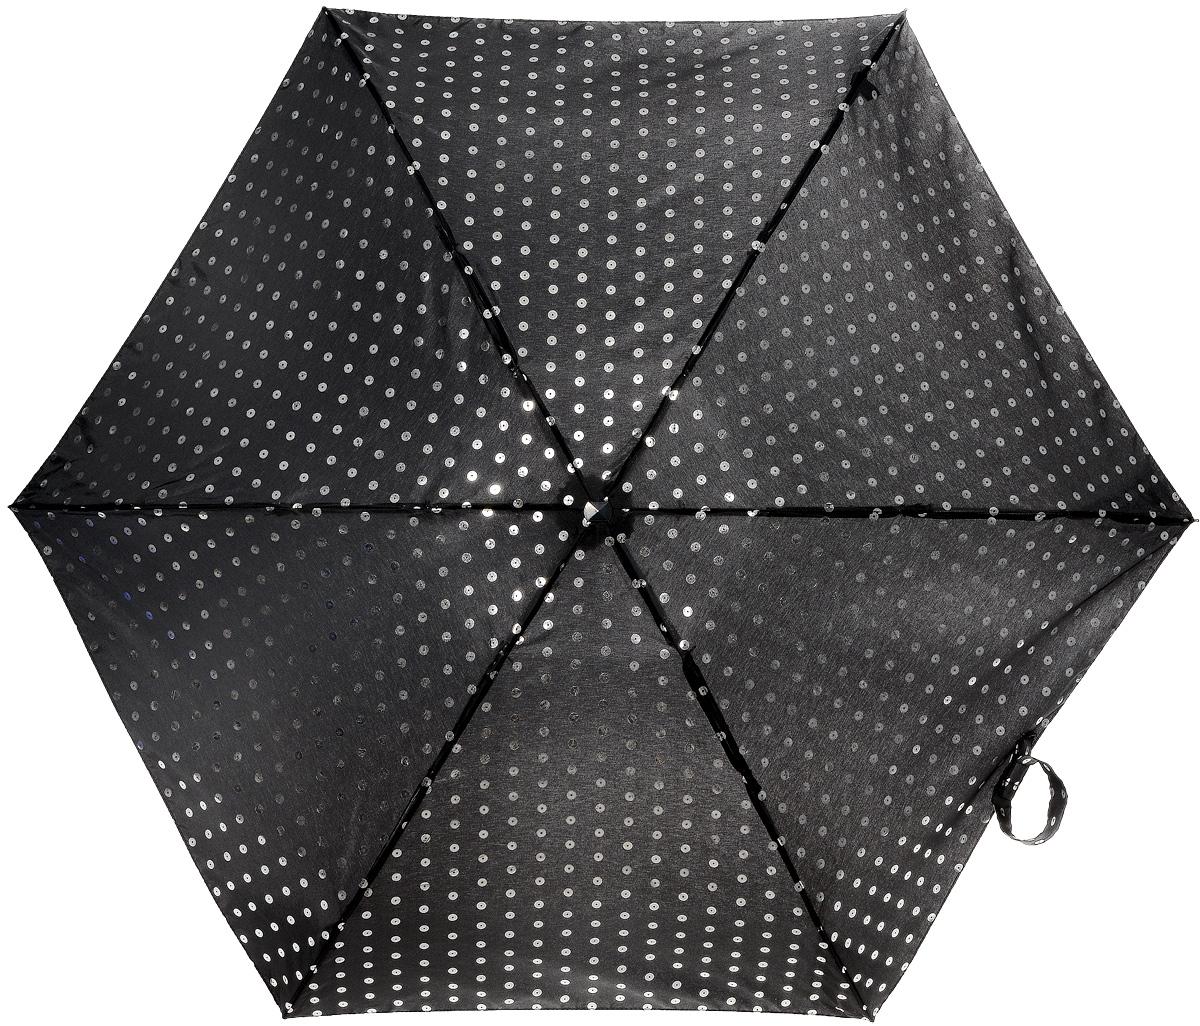 Зонт женский механика Fulton, расцветка: серебряные пайетки. L501-2613 FoilSequinL501-2613 FoilSequinПрочный, необыкновенно компактный зонт, который с легкостью поместится в маленькую сумочку. Удобный плоский чехол. Облегченный алюминиевый каркас с элементами из фибергласса. Ветроустойчивая конструкция. Размеры зонта в сложенном виде 15смх6смх3см, диаметр купола 87 см.